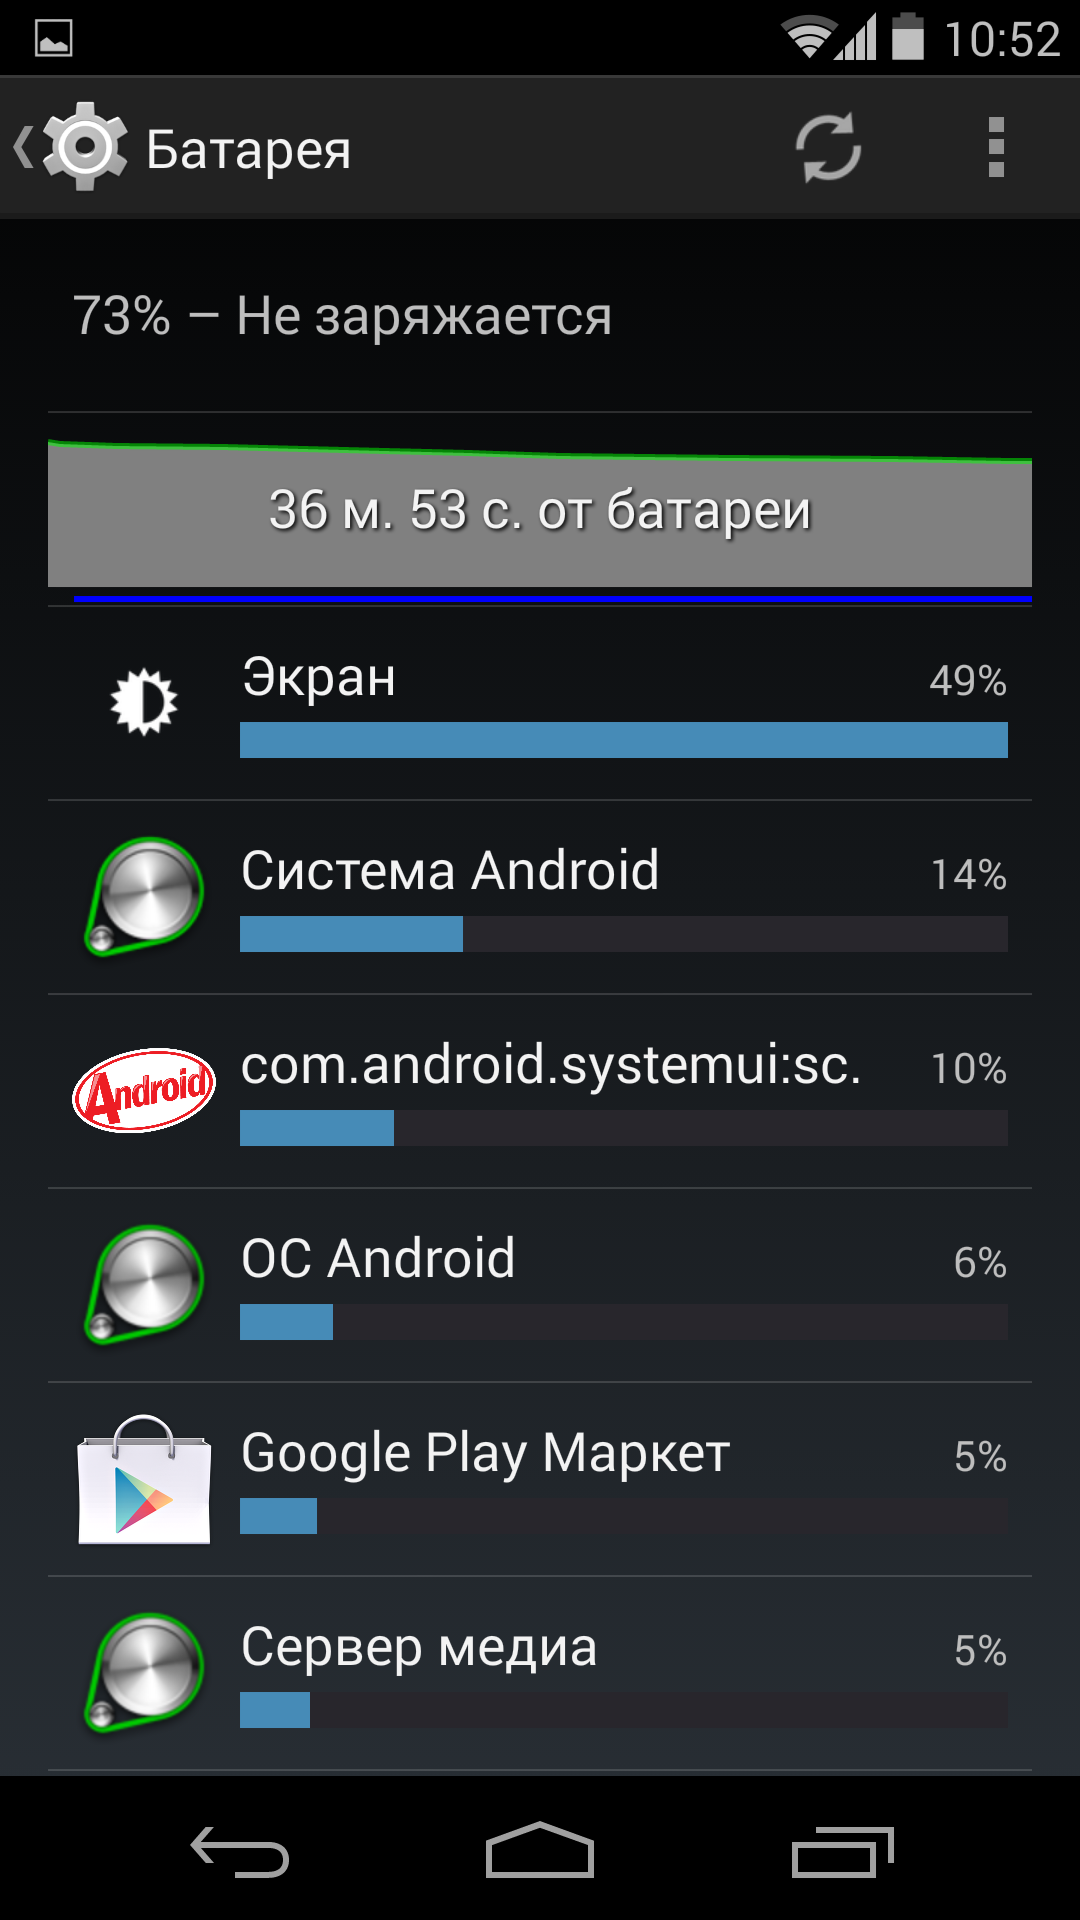 Знакомство с CyanogenMod на примере смартфона Google Nexus 5